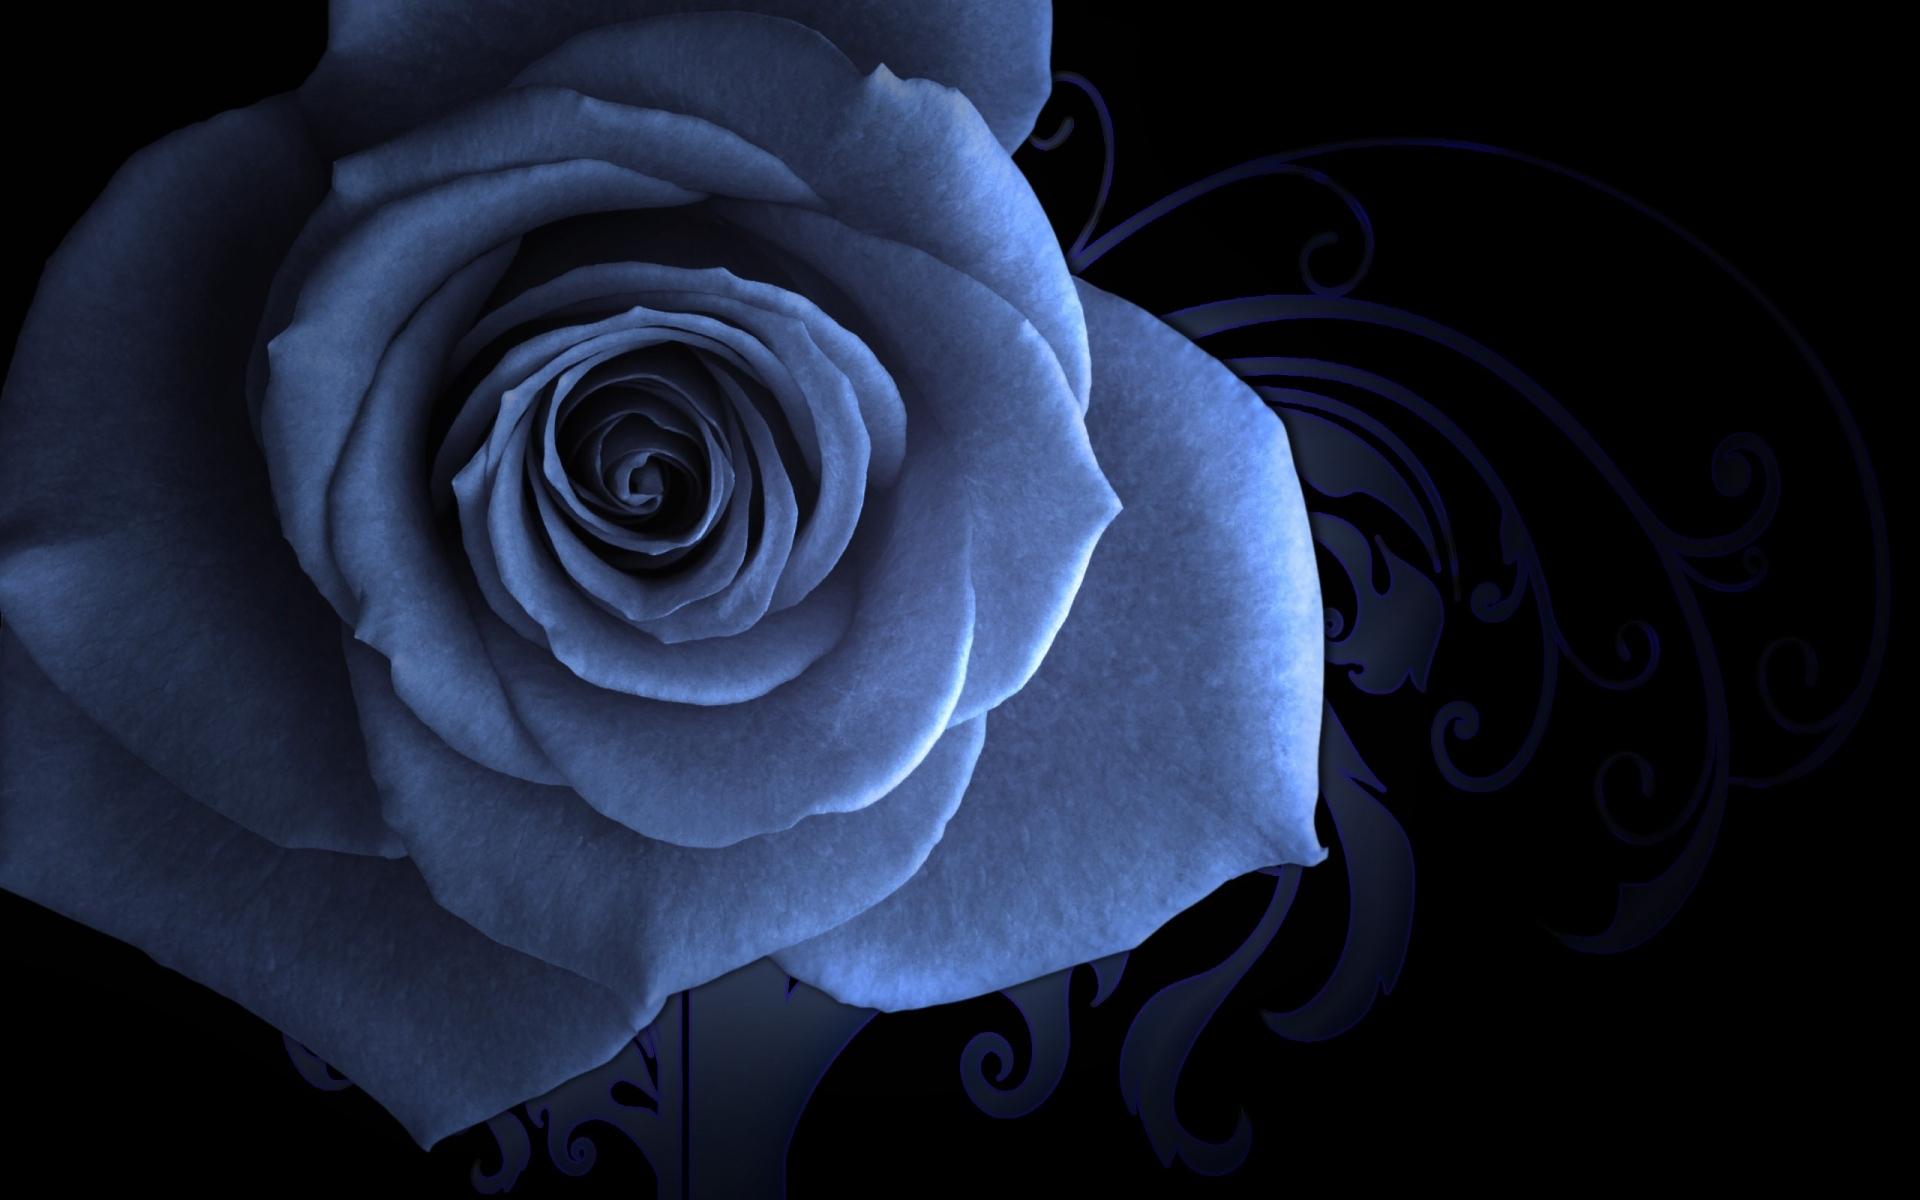 Картинки Роза, цветок, лепестки, узоры, фоны фото и обои на рабочий стол